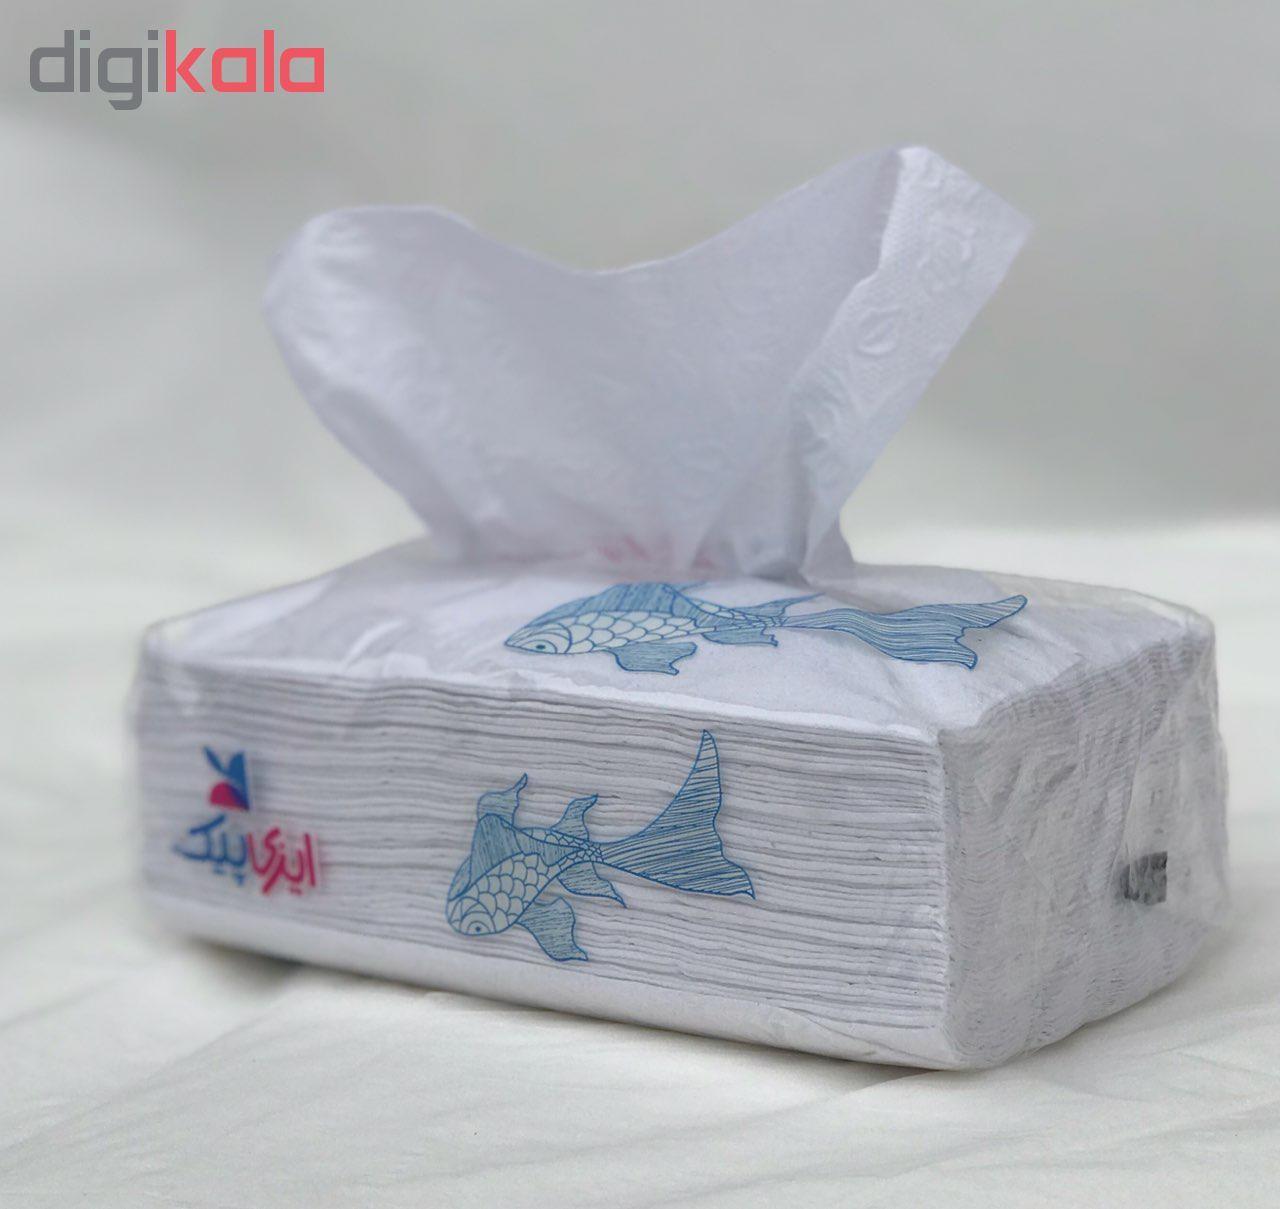 دستمال کاغذی 100 برگ ایزی پیک بسته 4 عددی main 1 2